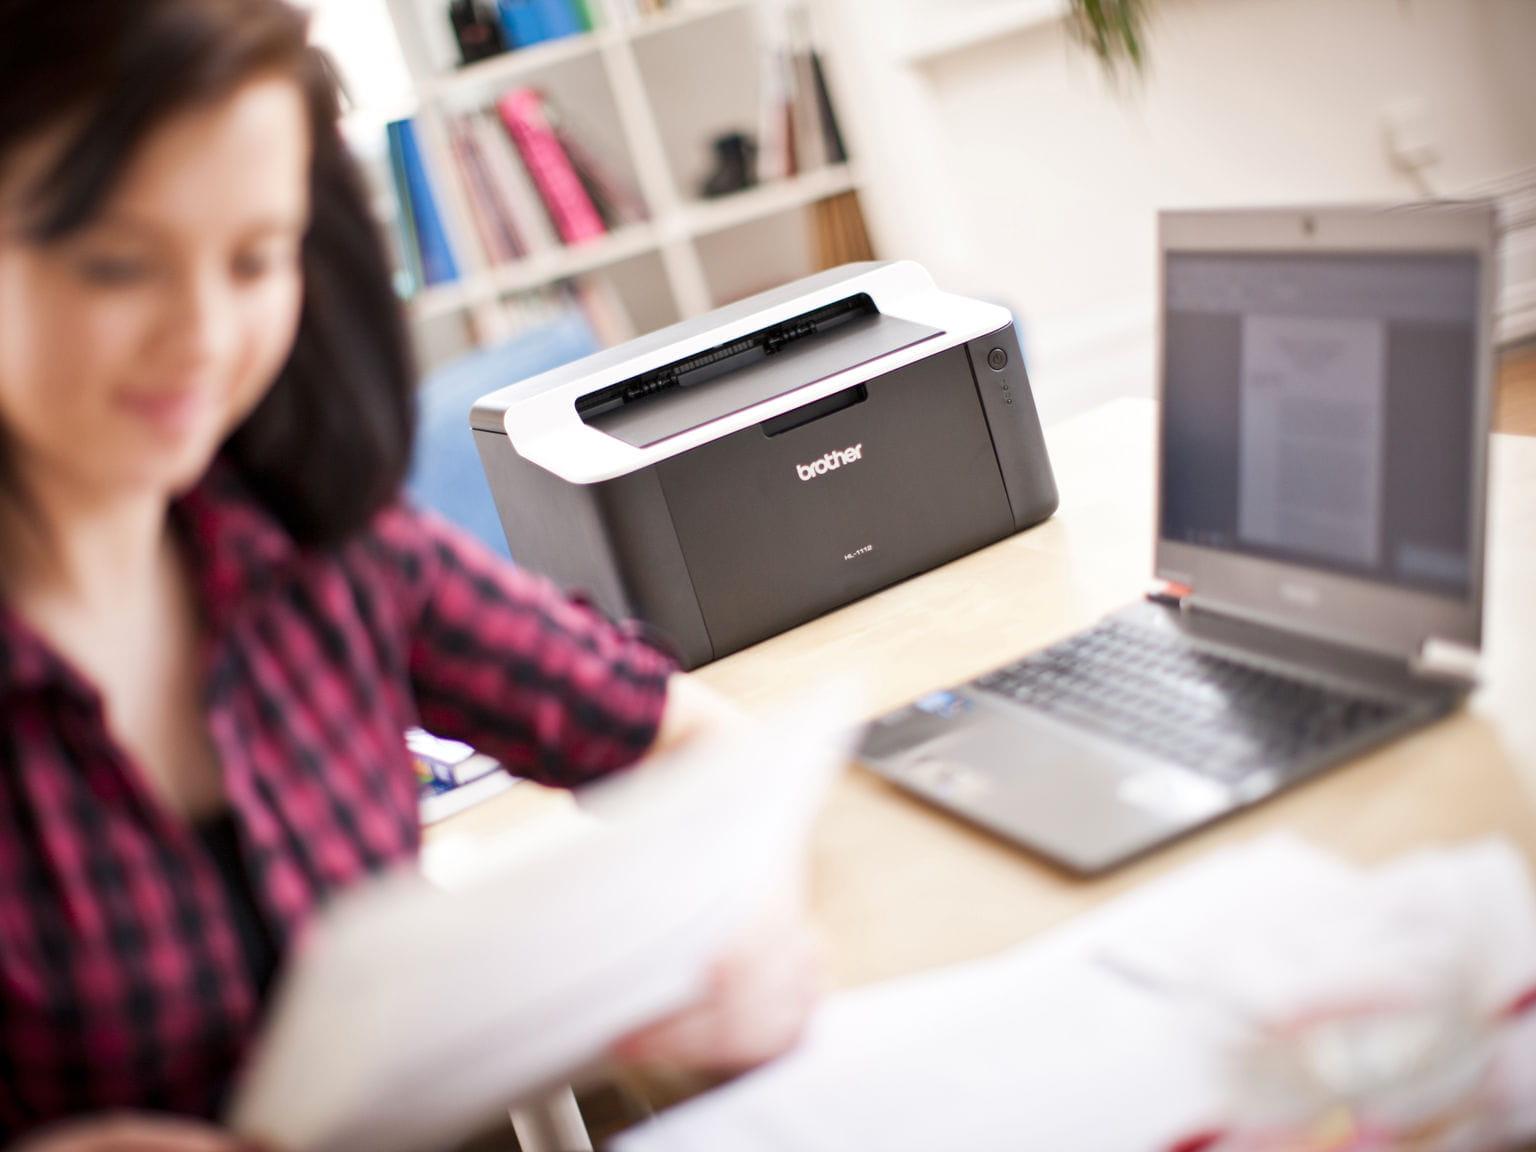 Stampante Brother HL-1112 all'interno di un piccolo ufficio home-office collegata tramite wifi